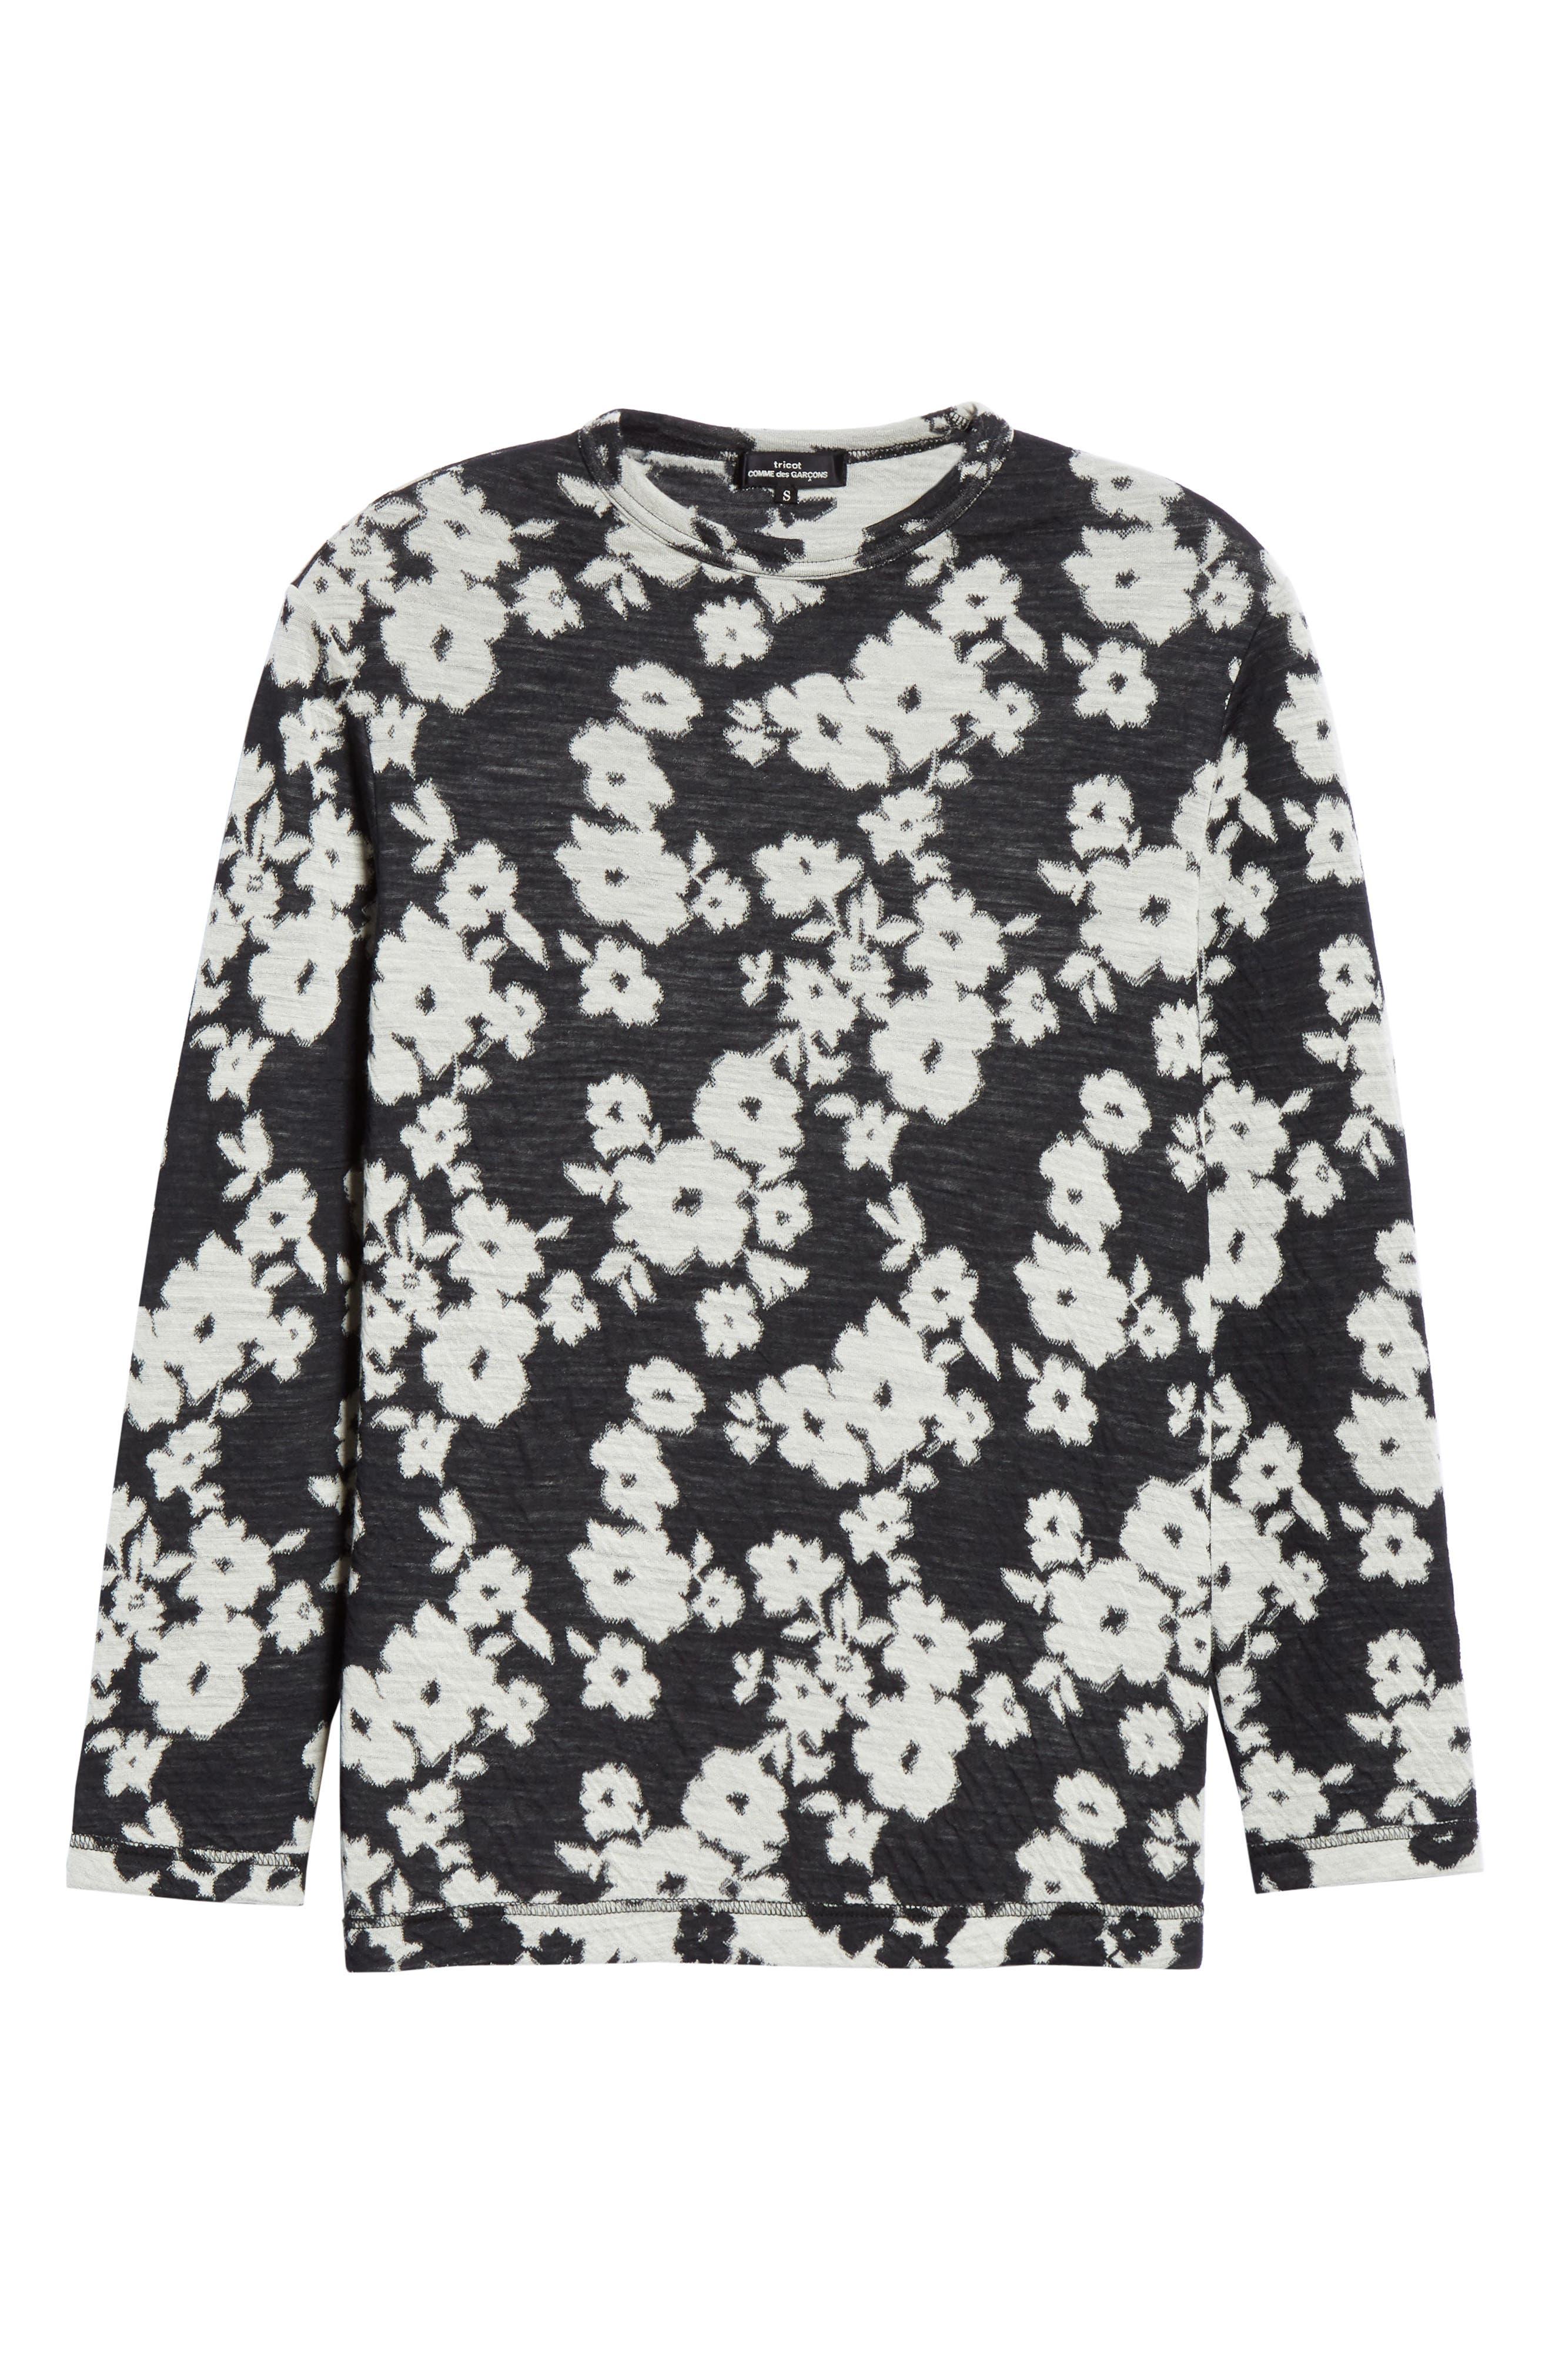 TRICOT COMME DES GARÇONS, Floral Jacquard Top, Alternate thumbnail 7, color, BLACK/ OFF WHITE